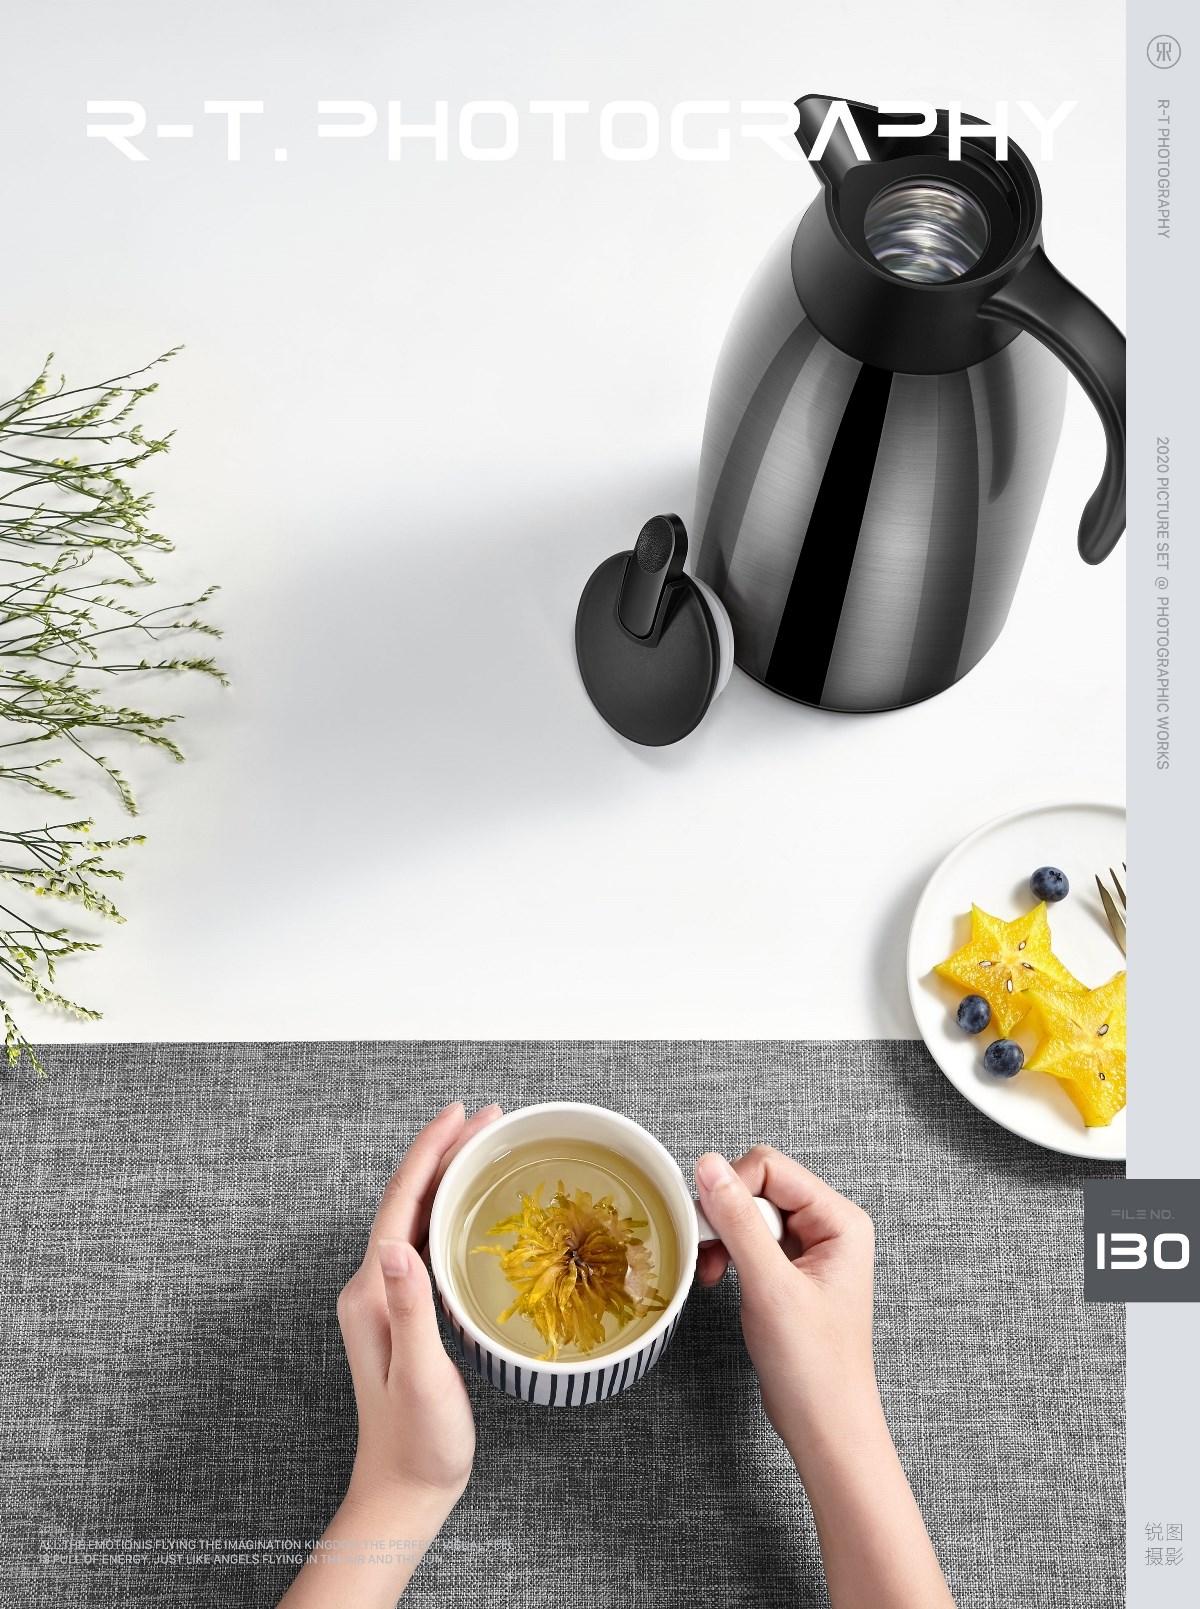 保温壶 水壶拍摄 一个好壶不锈钢材质